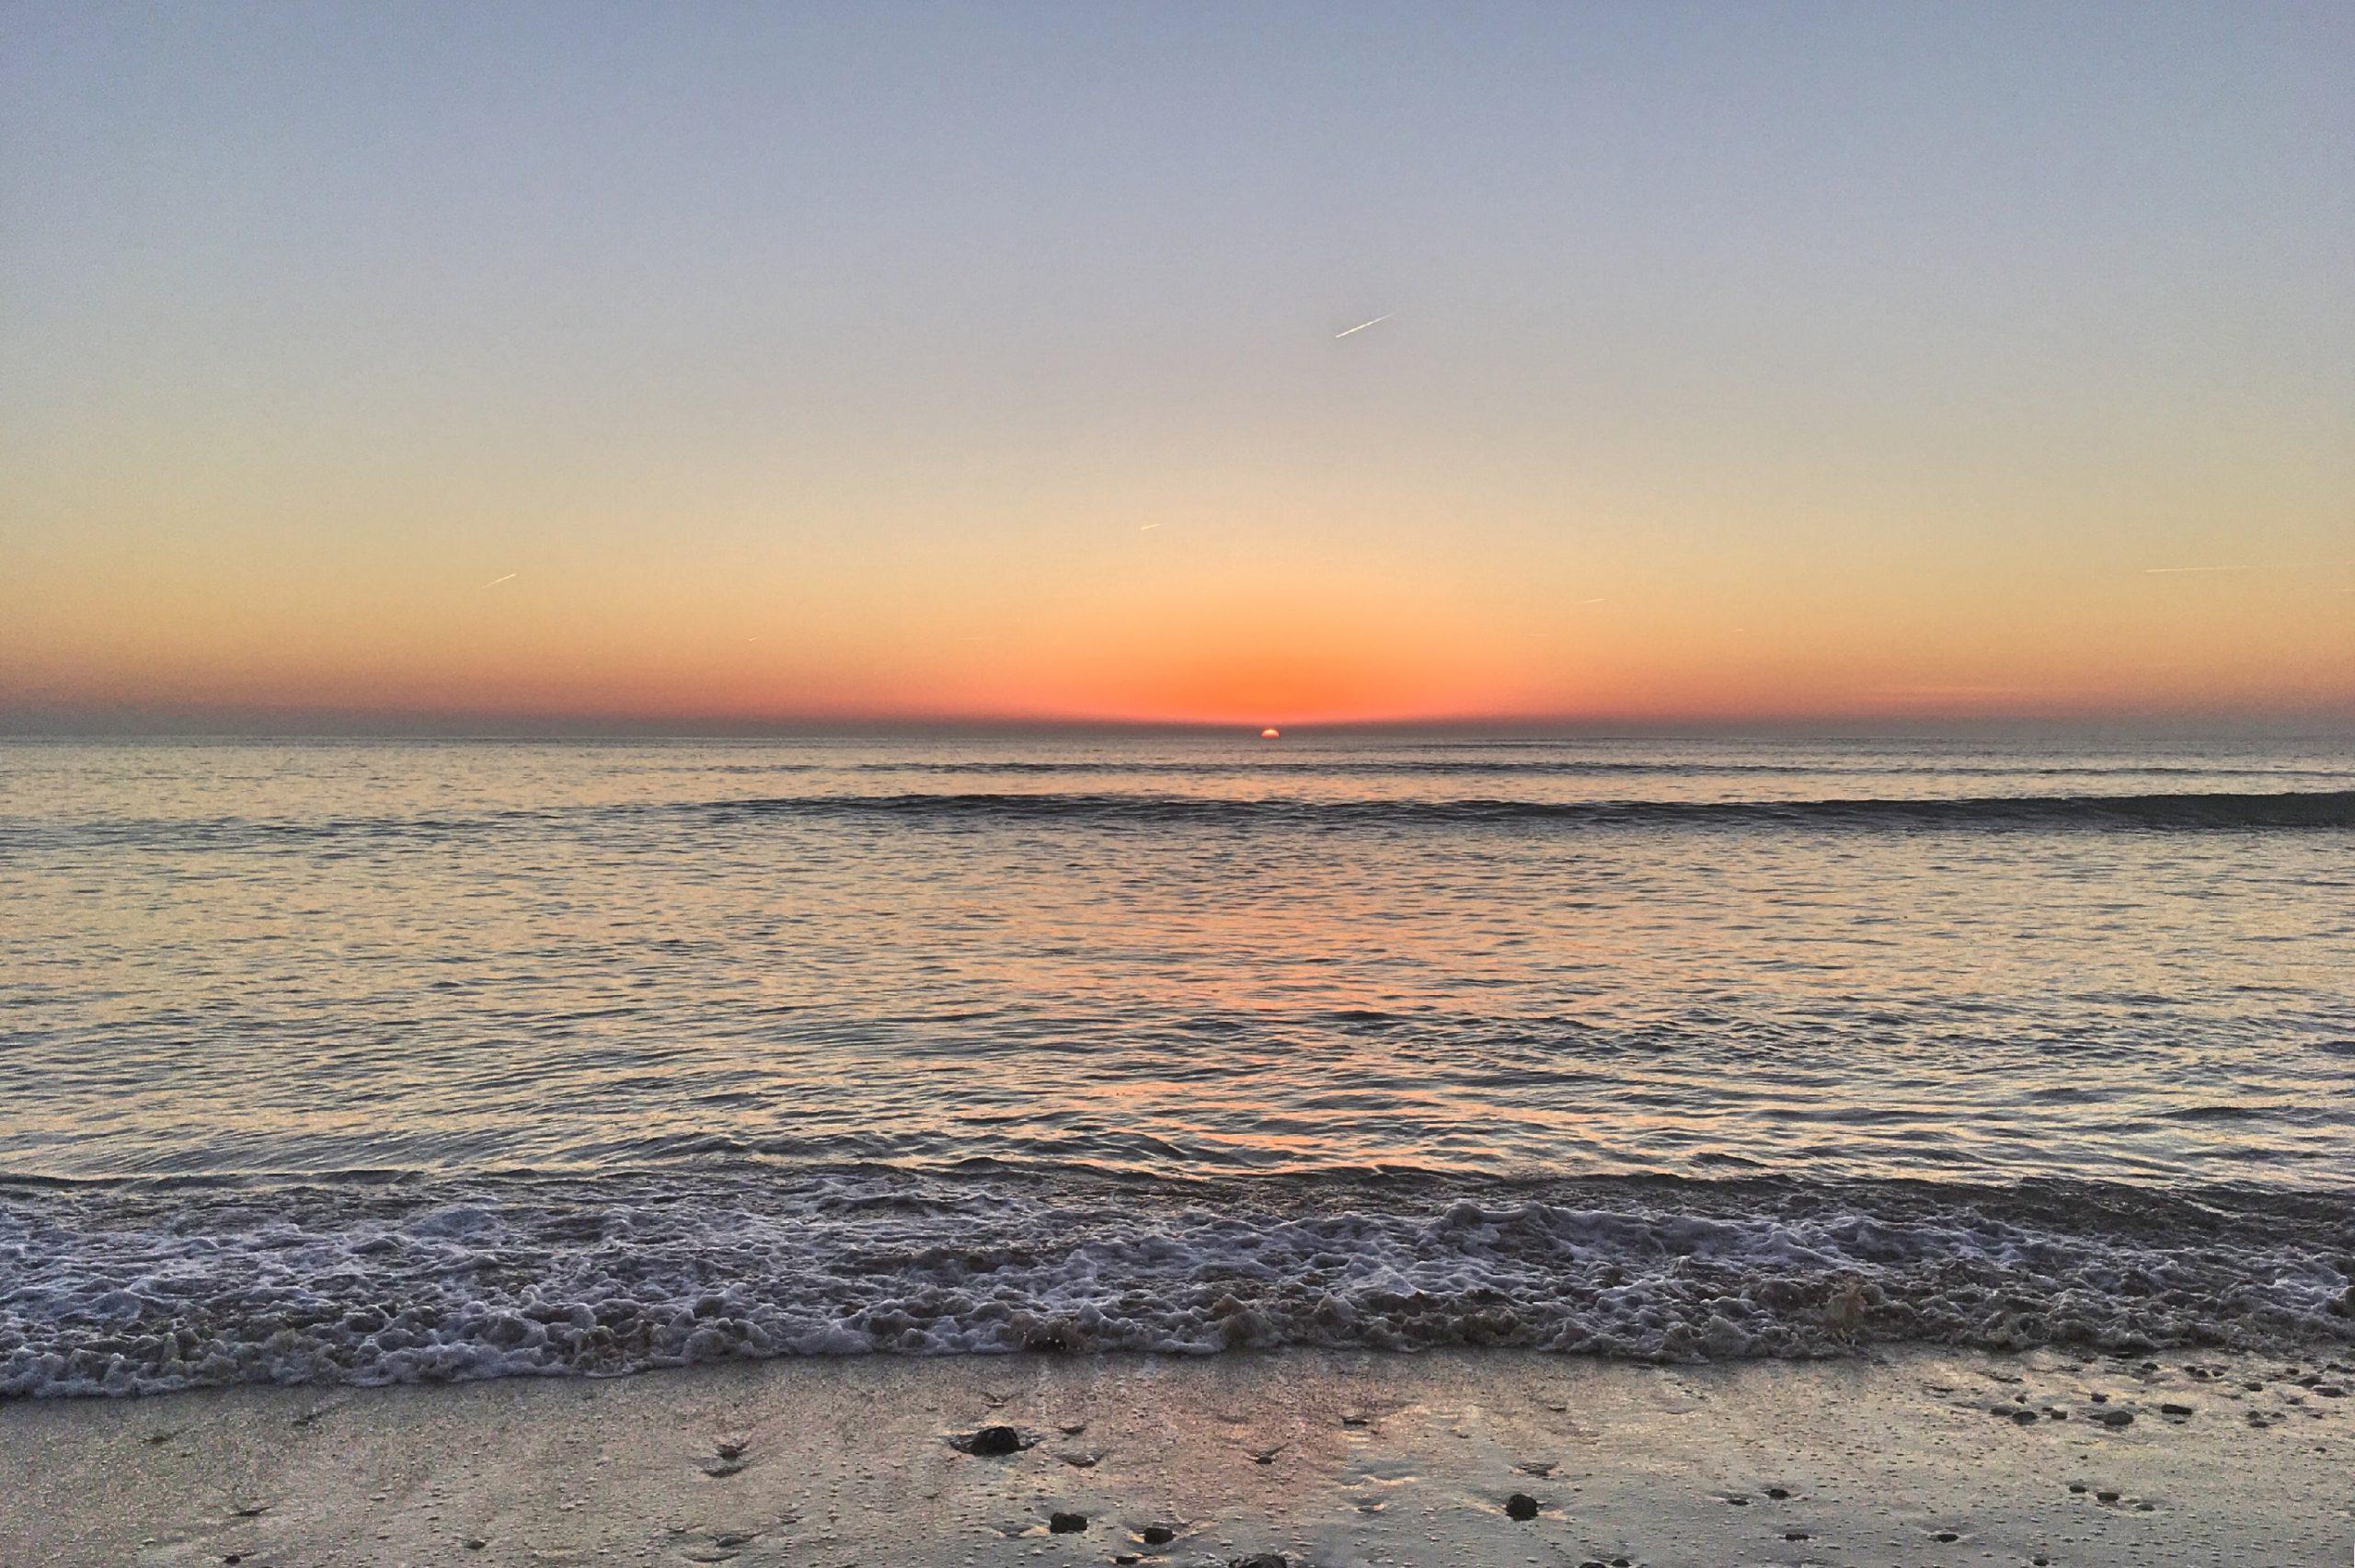 plage la couarde sur mer coucher de soleil